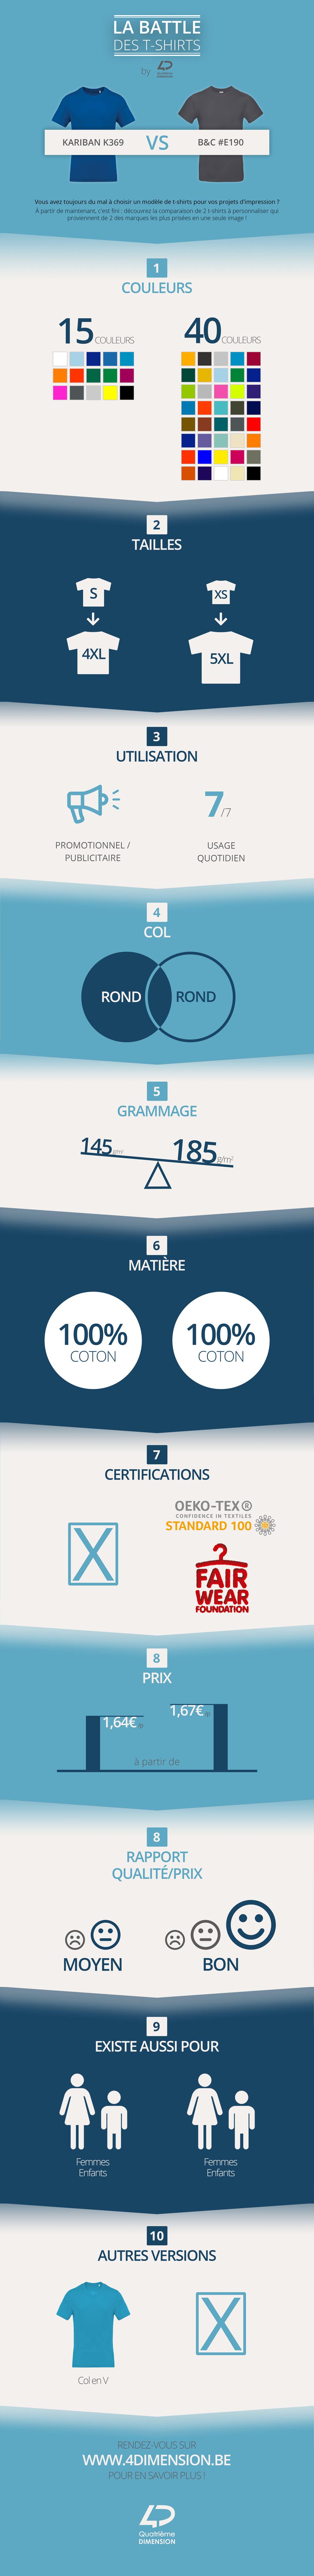 Infographie comparaison de t-shirts à imprimer : B&C #E190 & Kariban K369